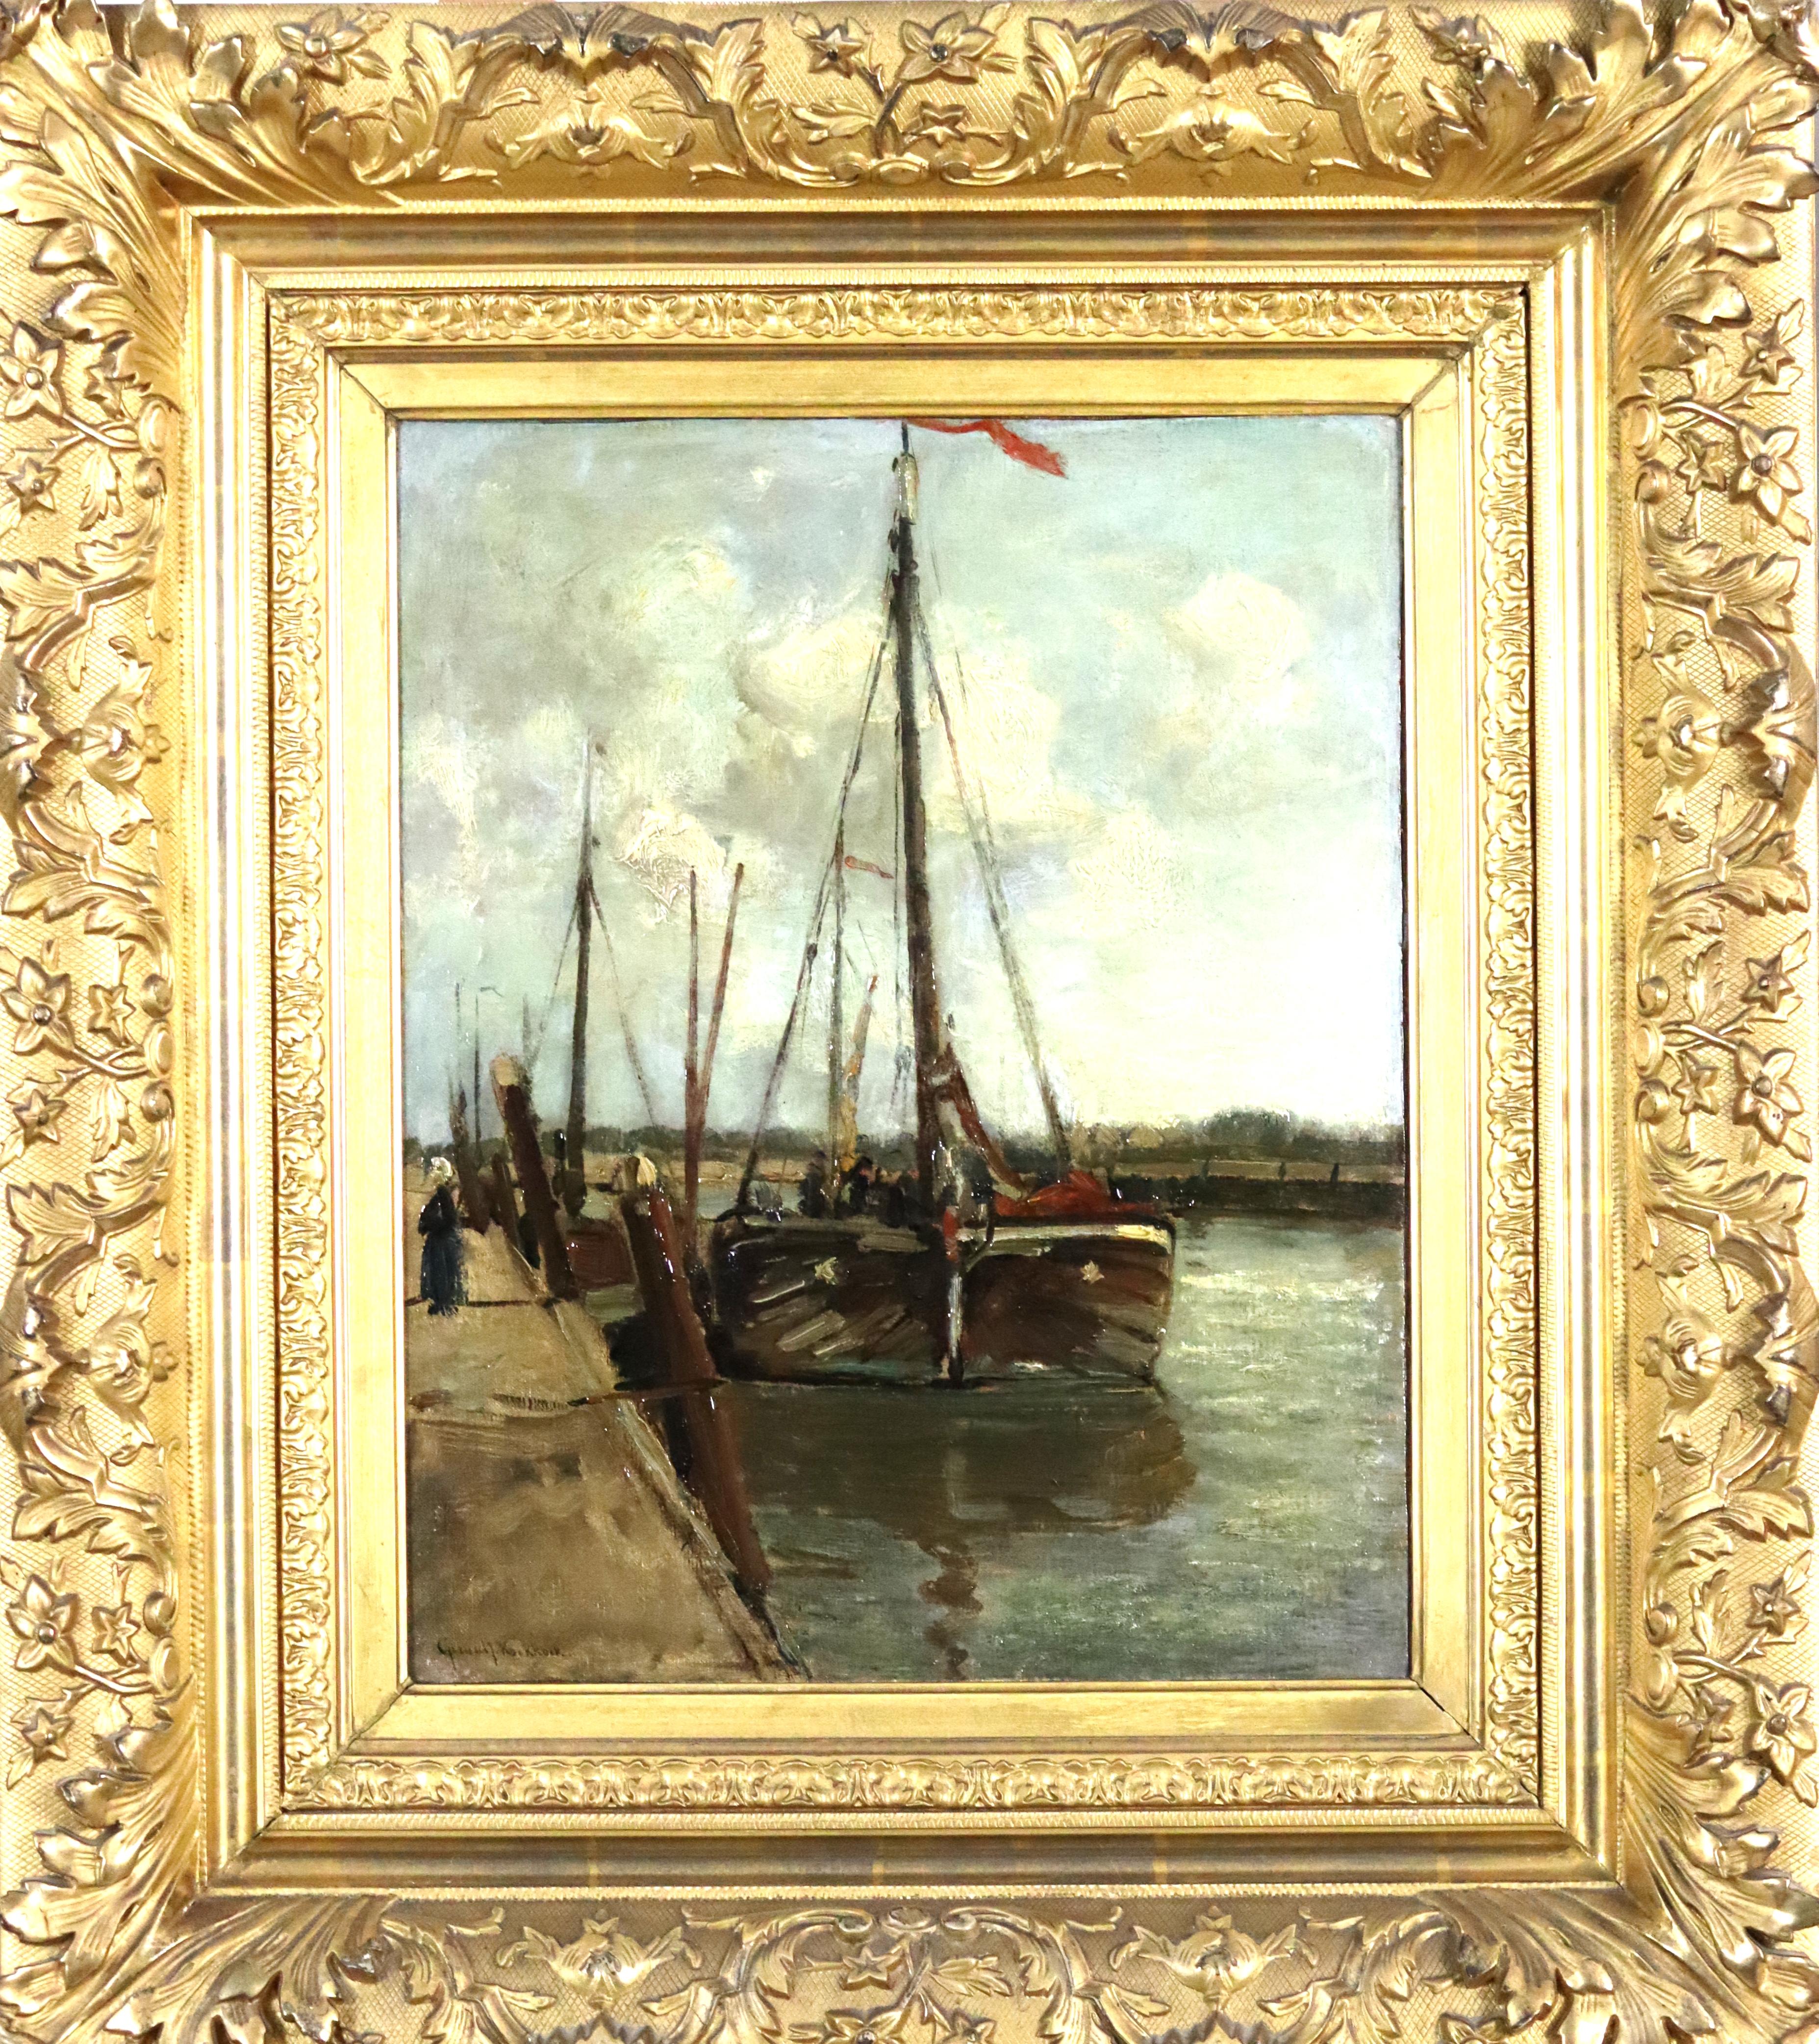 te_koop_aangeboden_een_haven_schilderij_van_de_nederlandse_kunstschilder_gerardus_johannes_koekkoek_1871-1956